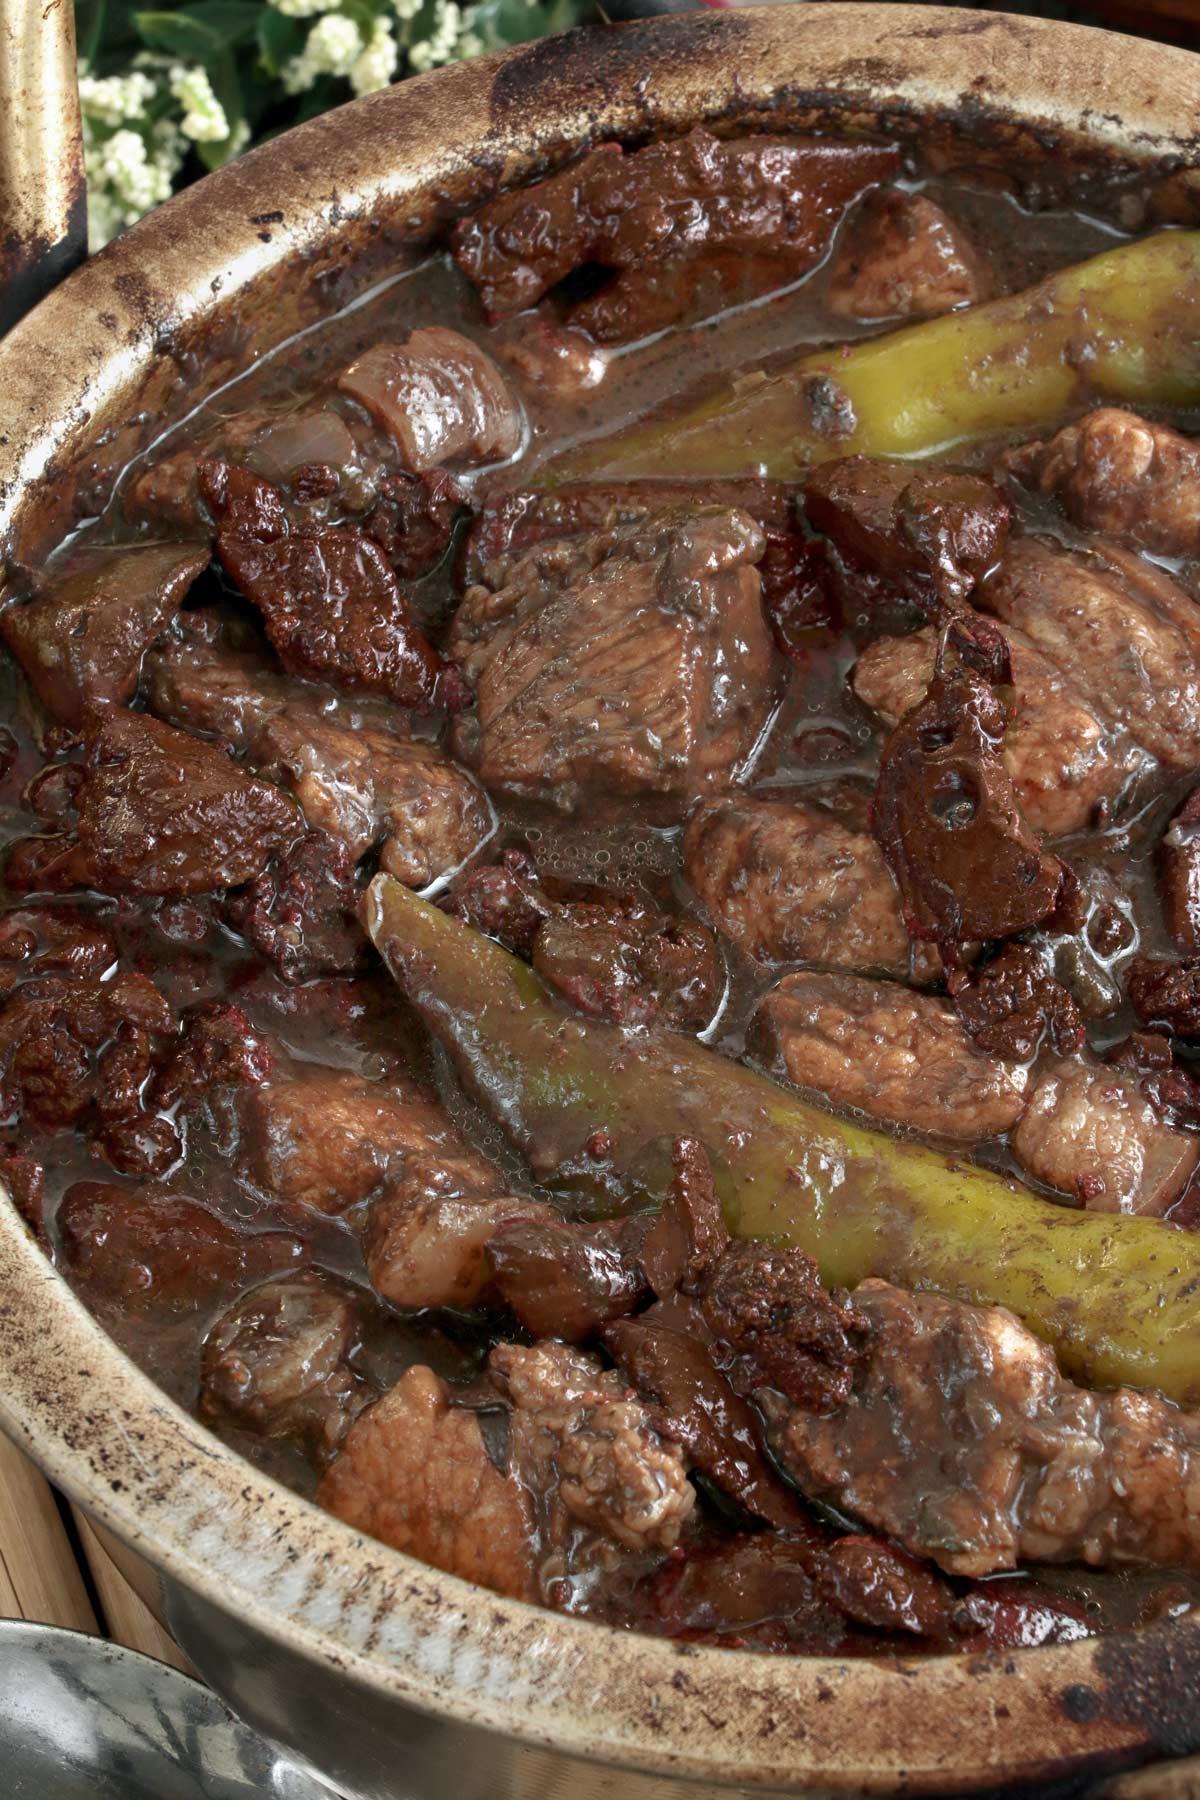 Filipino pork blood stew.